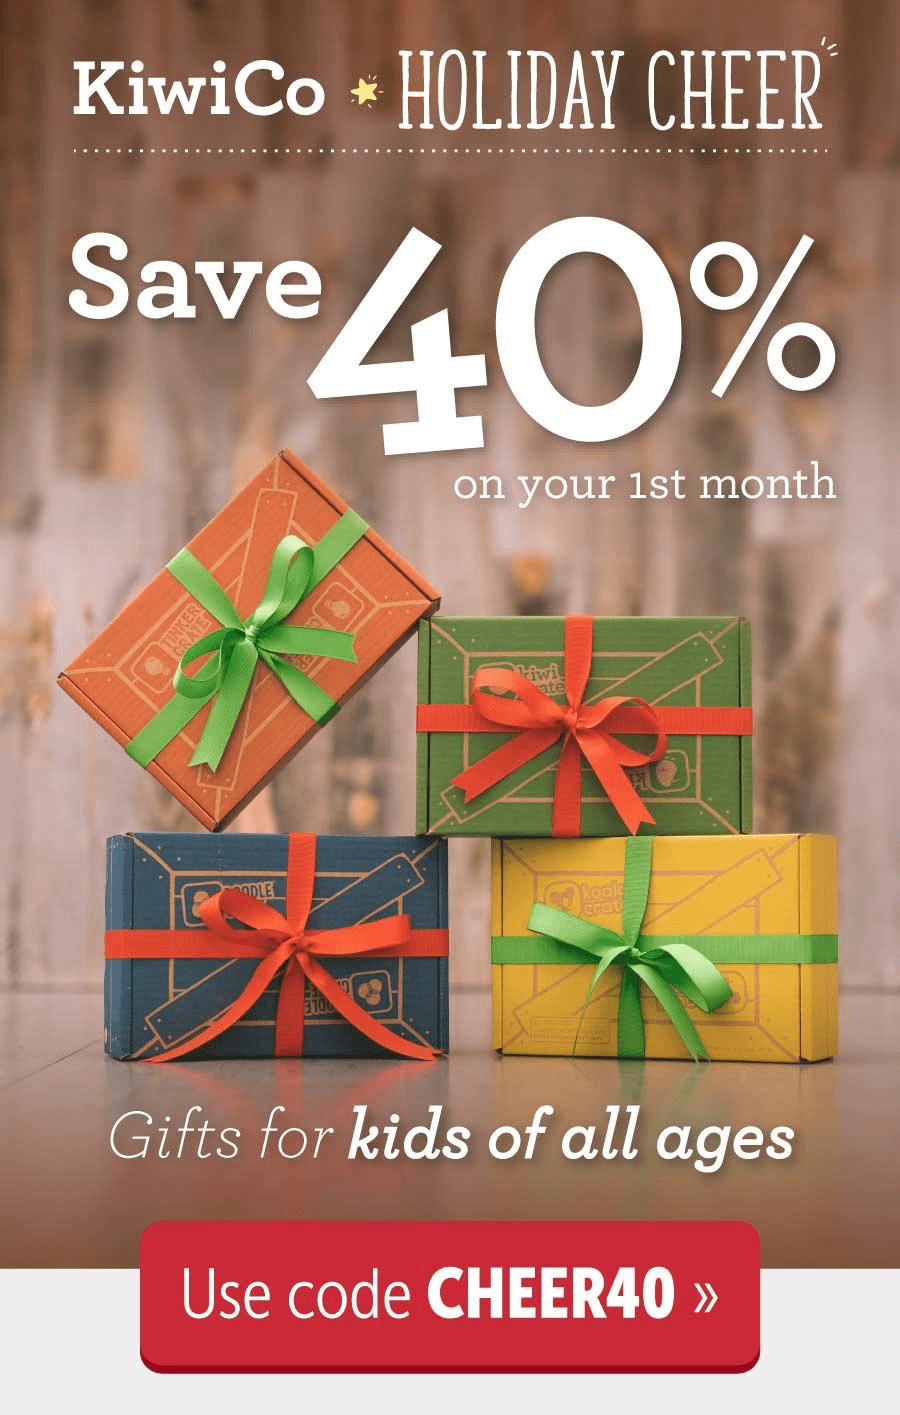 KiwiCo Coupon Code – Save 40% Off!